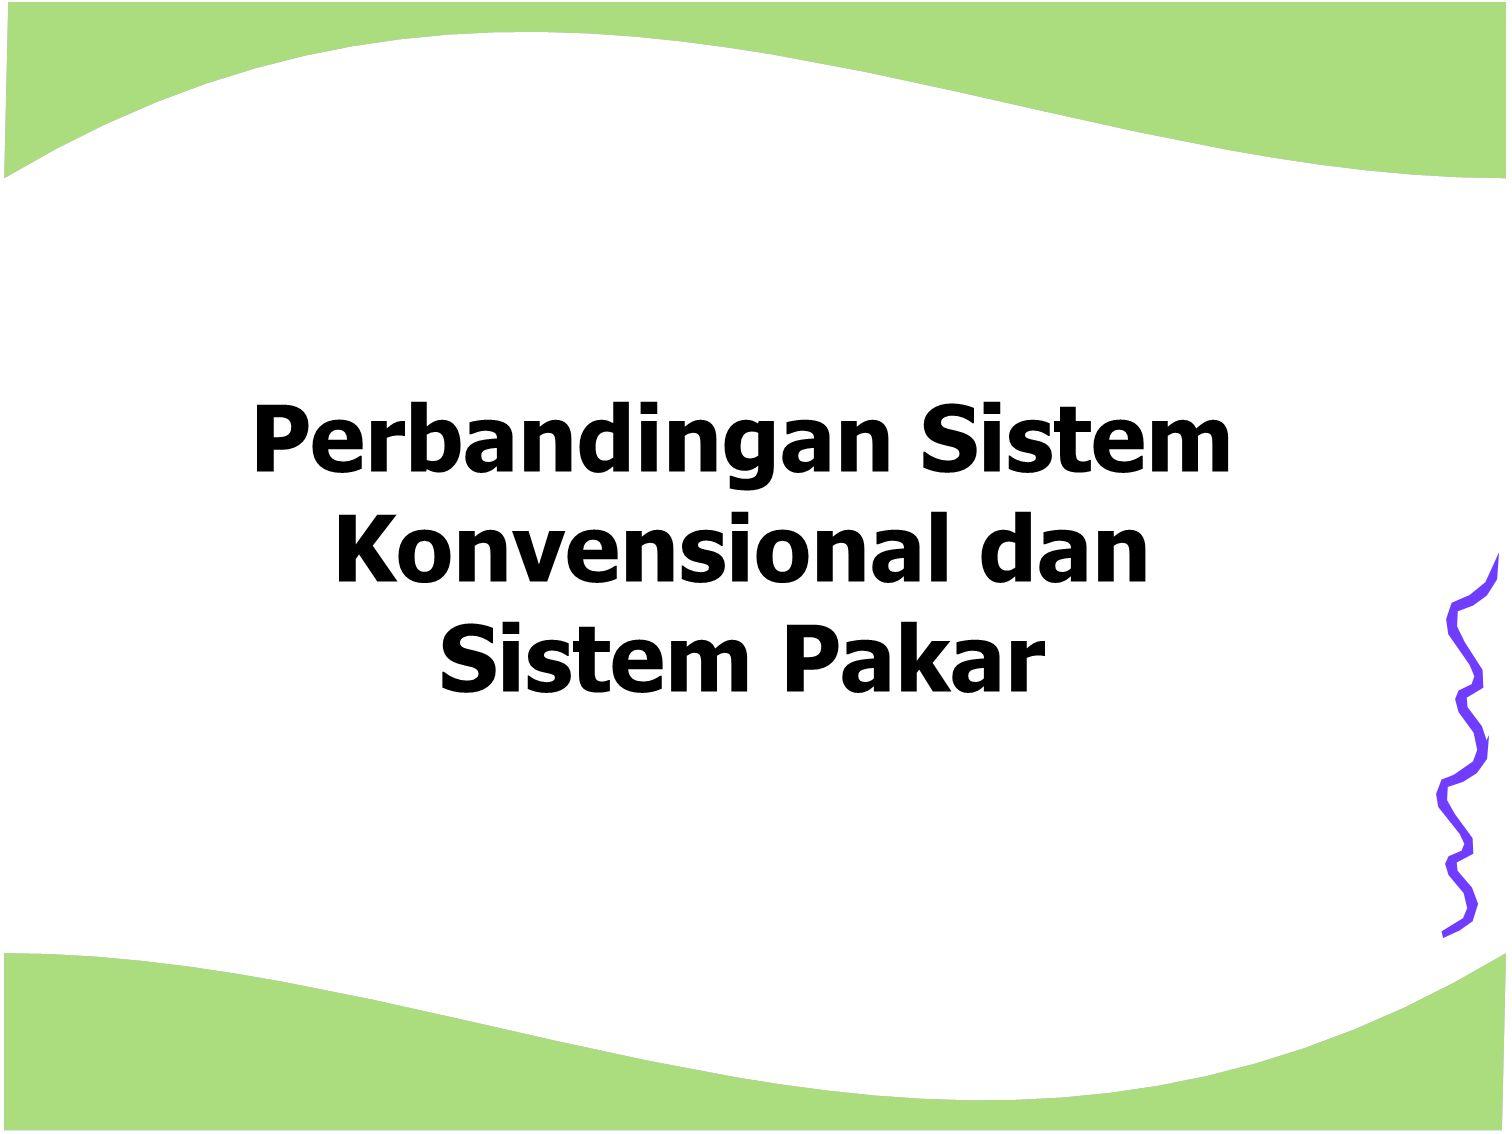 Perbandingan Sistem Konvensional dan Sistem Pakar